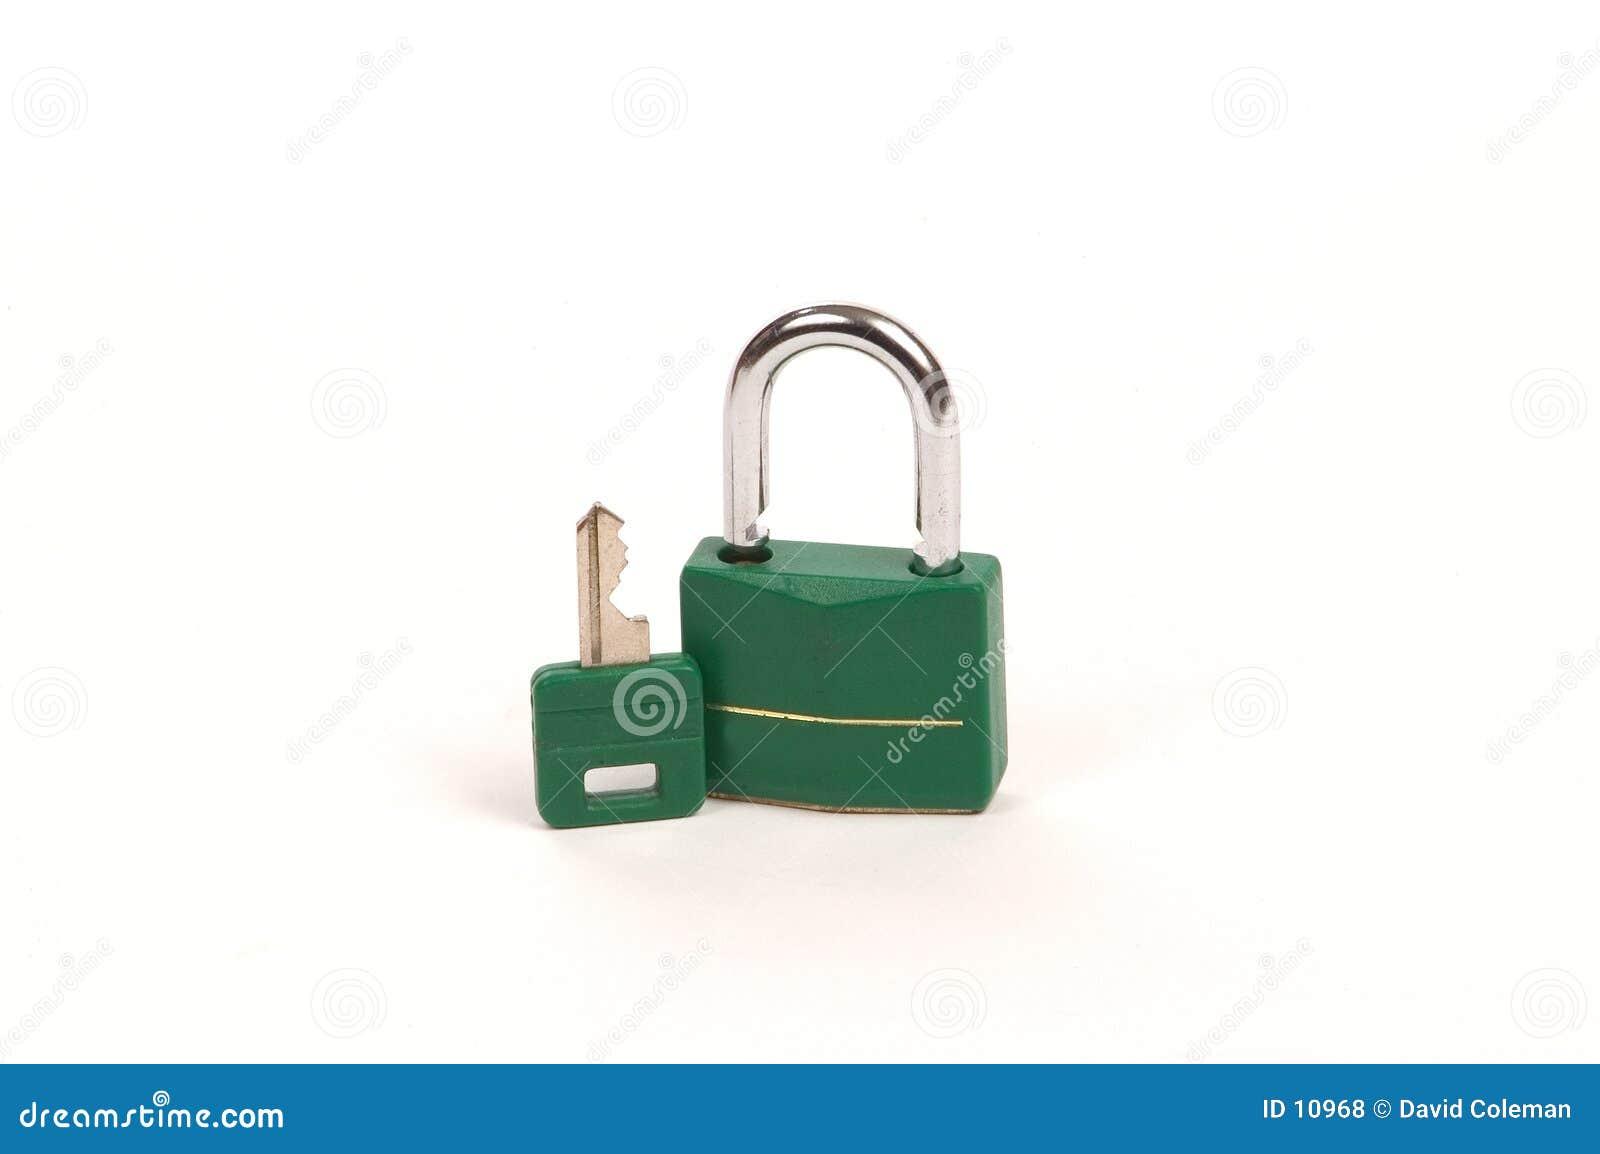 Zielony kluczowym zamek